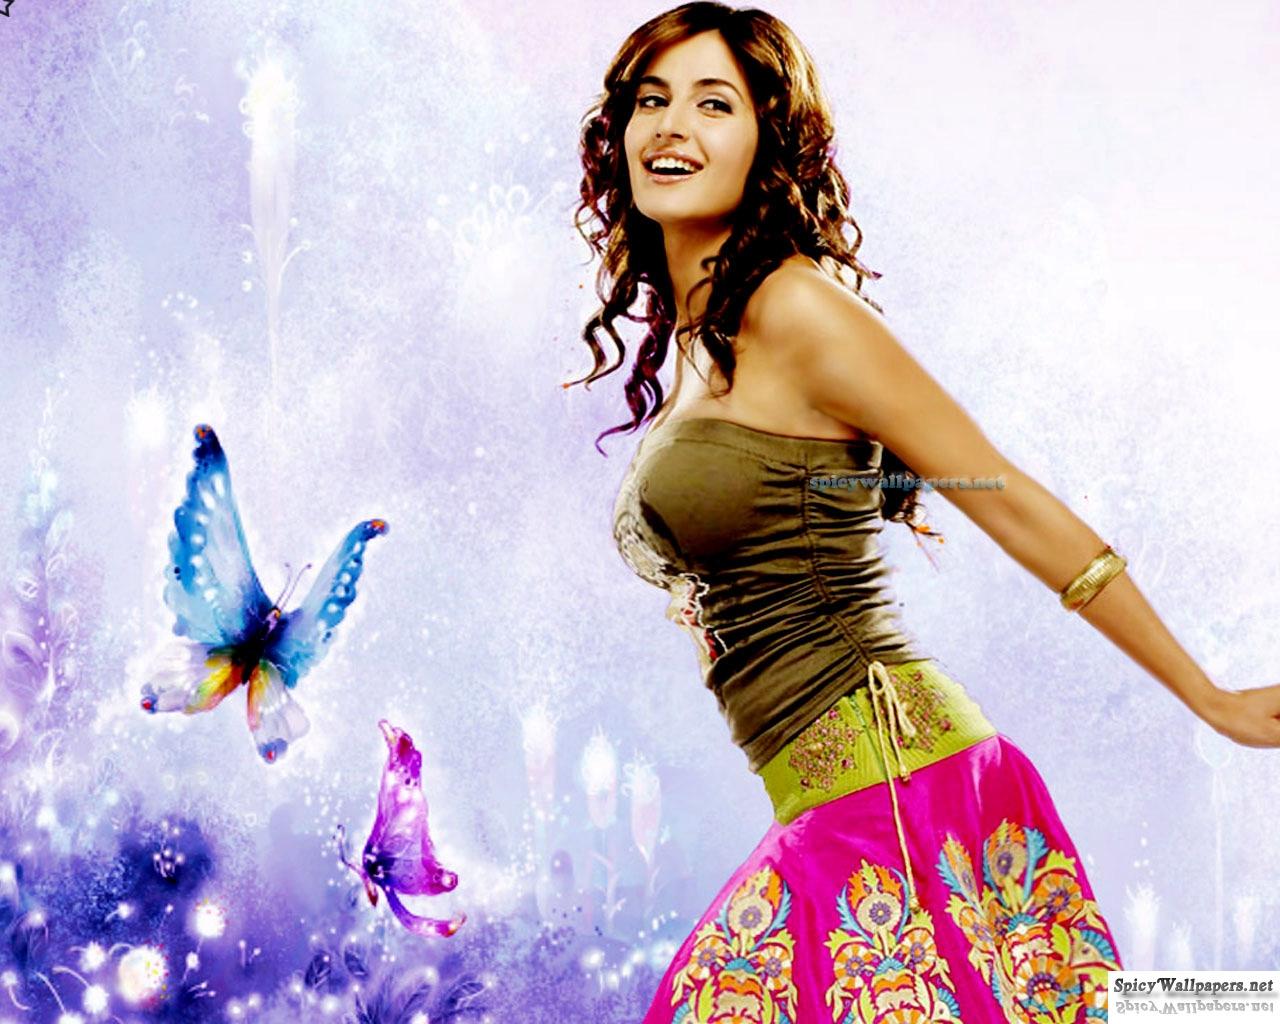 http://images4.fanpop.com/image/photos/24500000/katrina-katrina-kaif-24518940-1280-1024.jpg